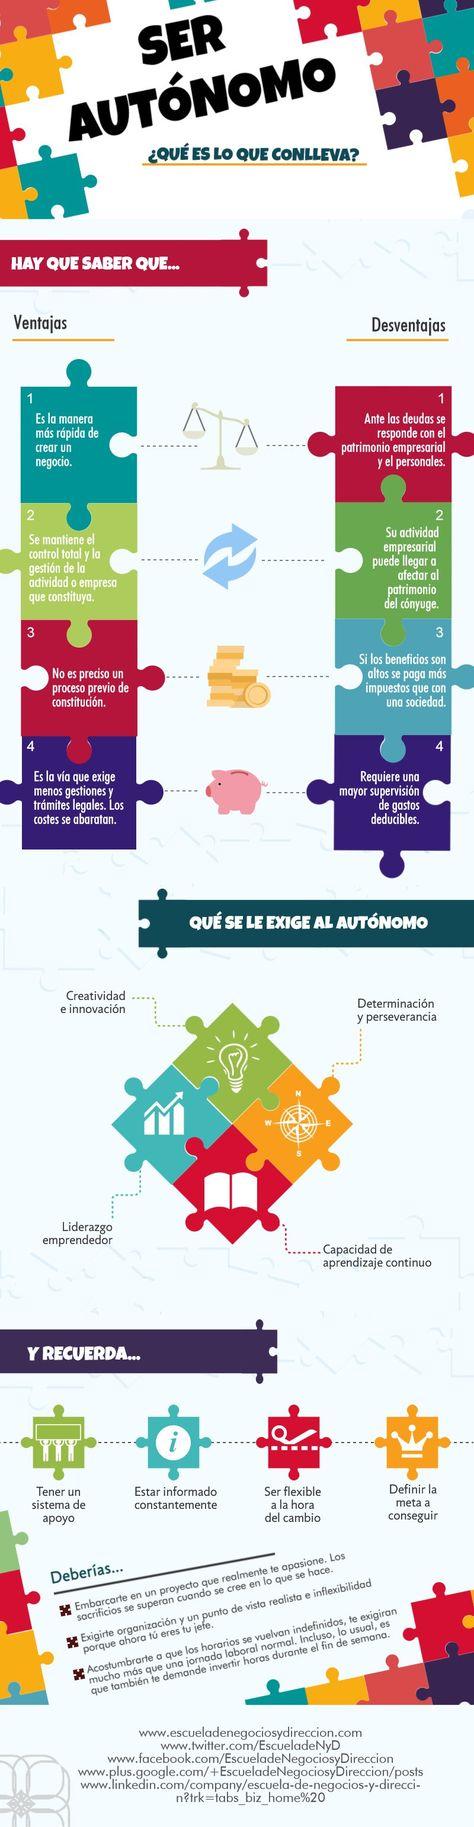 140 Ideas De Emprendimiento Emprendimiento Consejos De Negocios Emprendedor